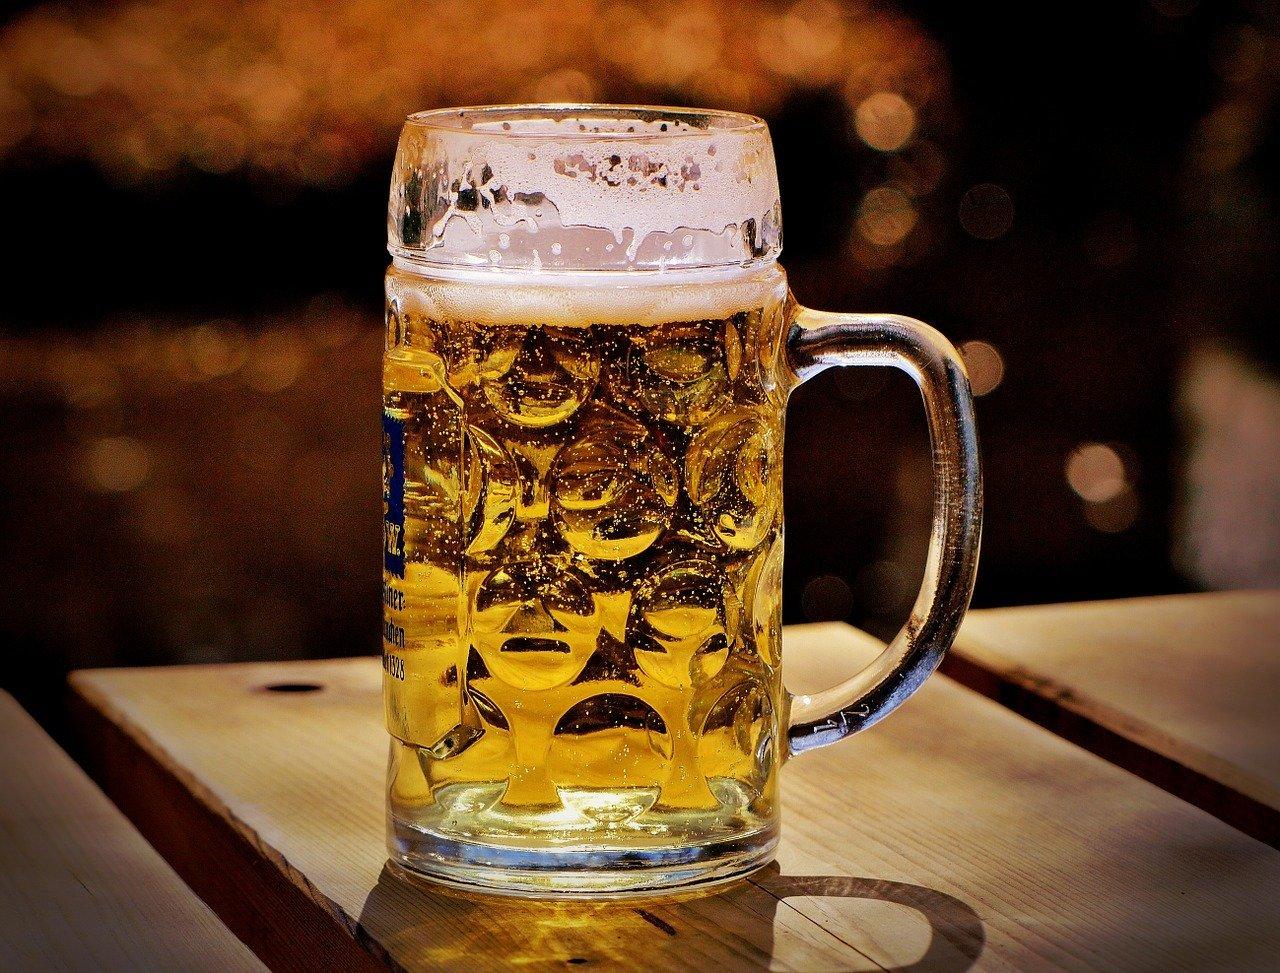 Birra in gravidanza: si può bere o fa male? Ecco il parere dell'esperto